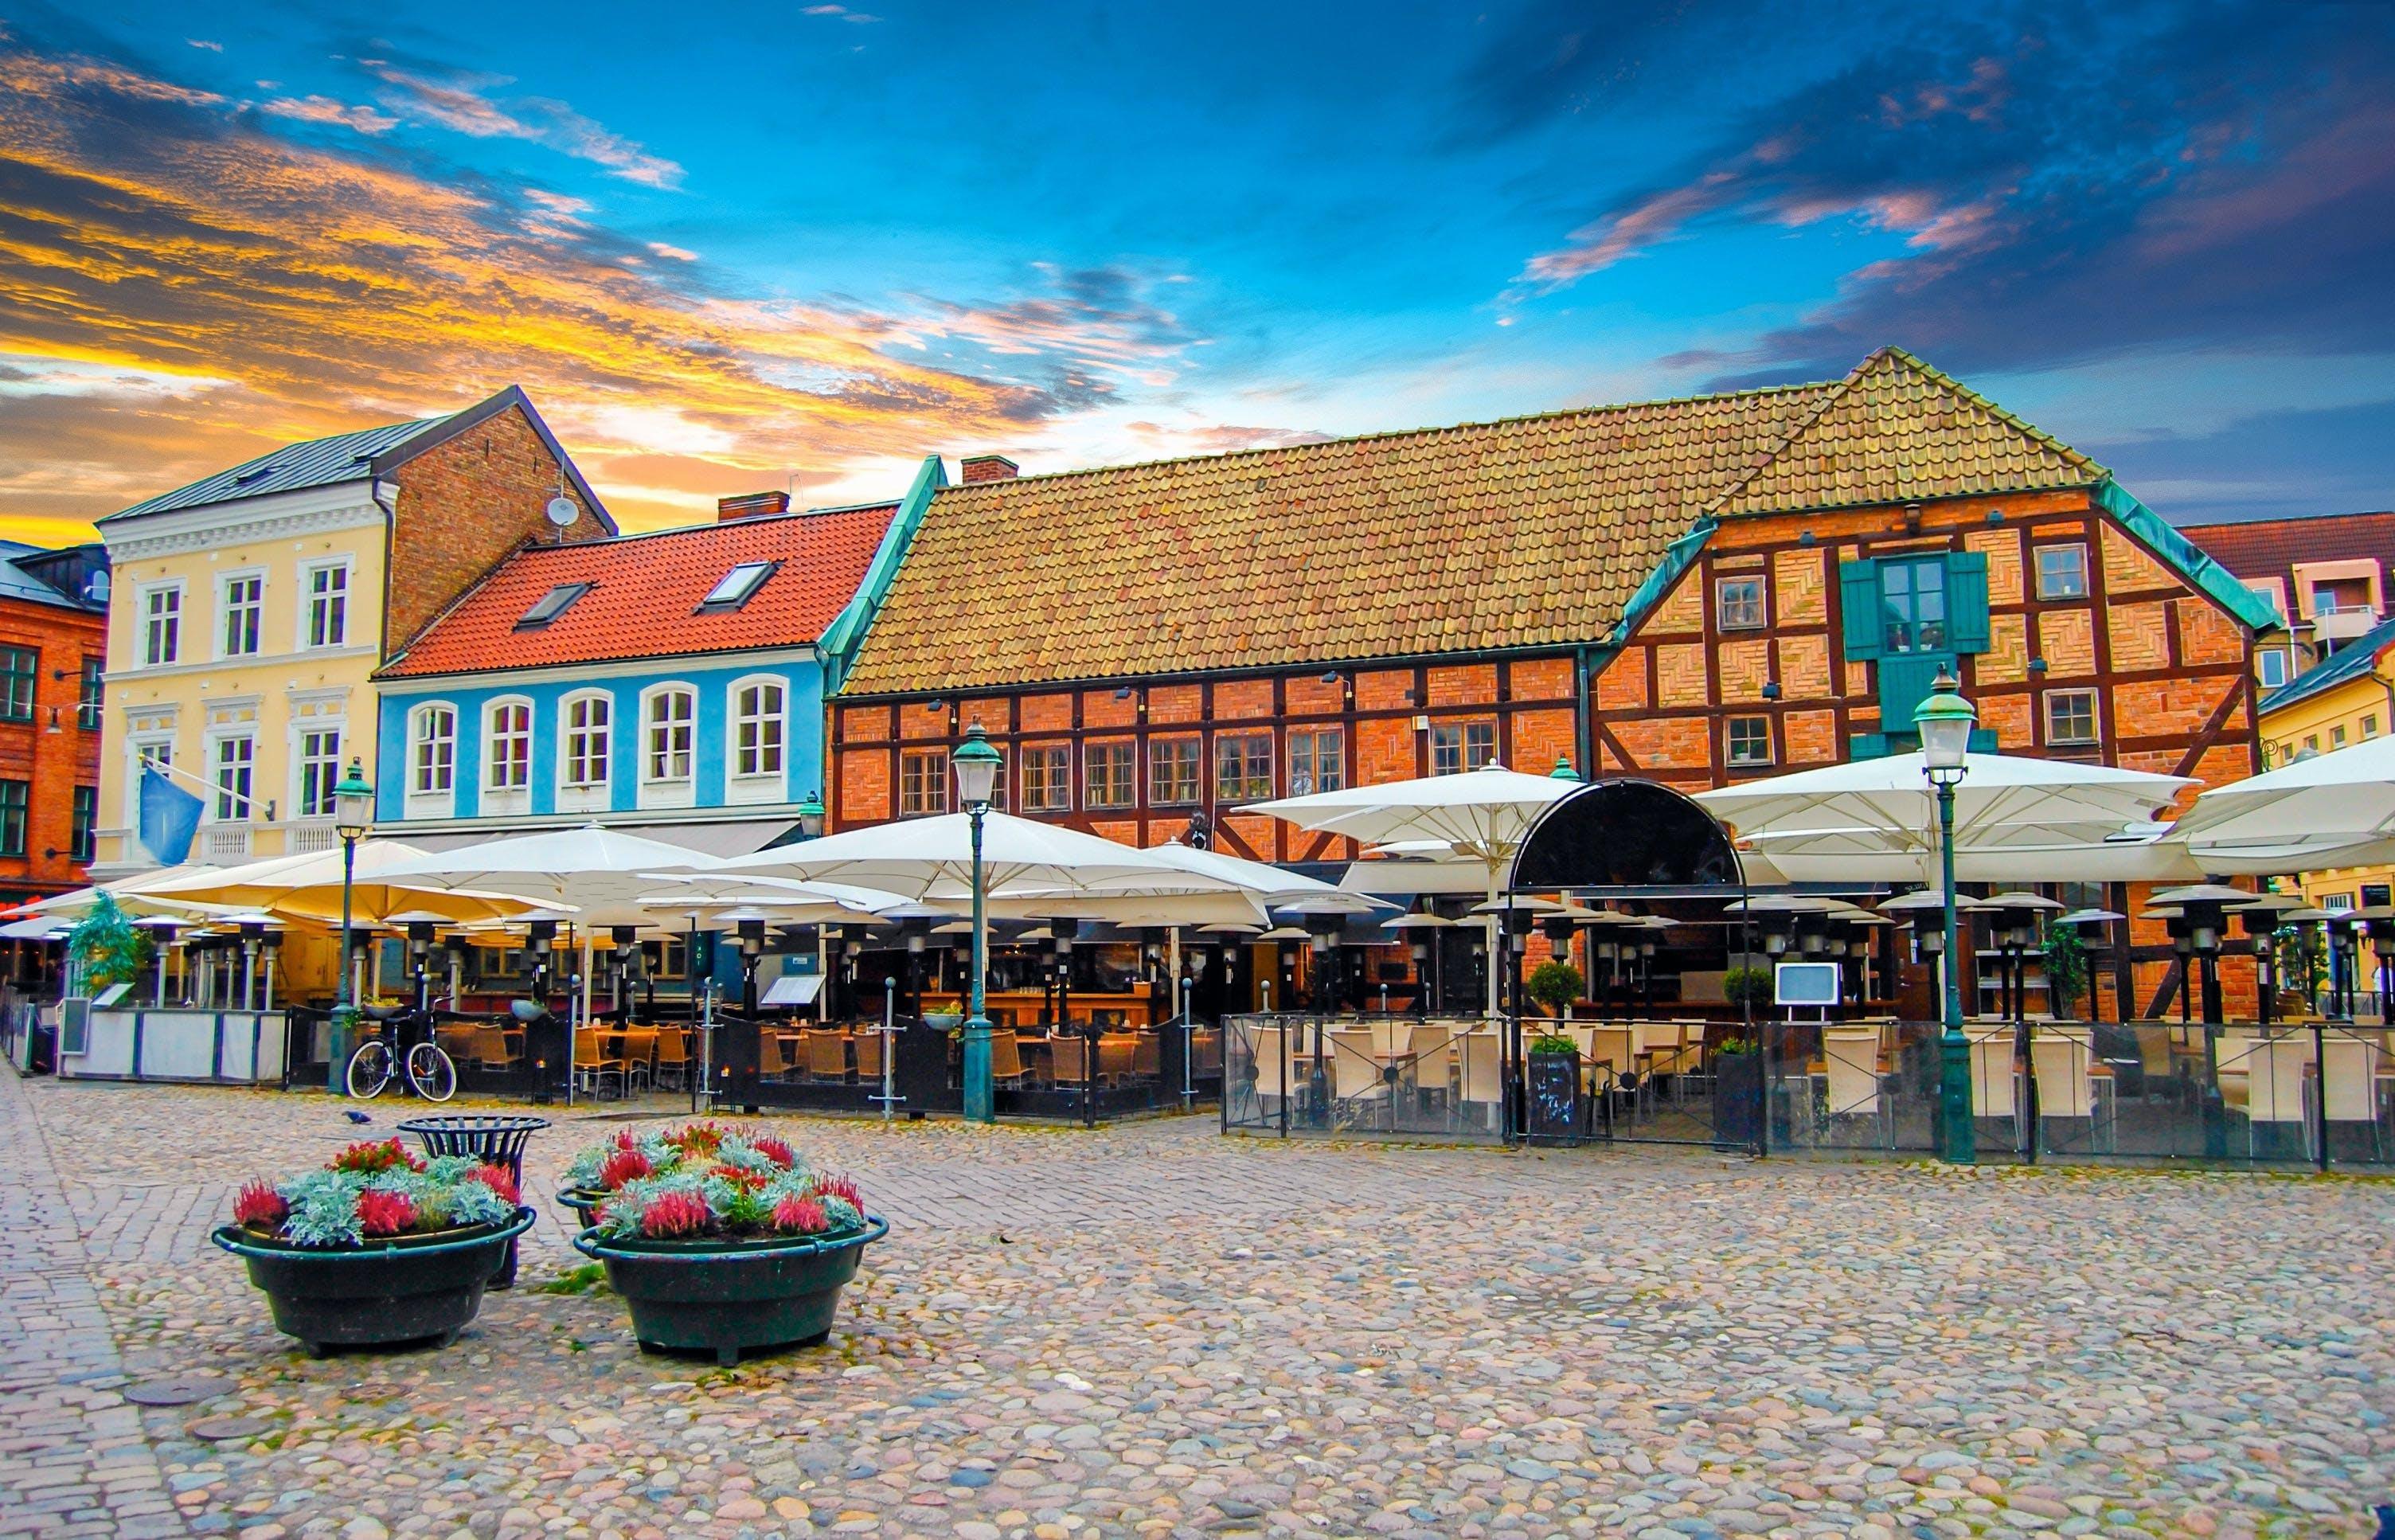 Ver la ciudad,Salir de la ciudad,Excursiones de un día,Excursión a Malmö,Visita Malmö